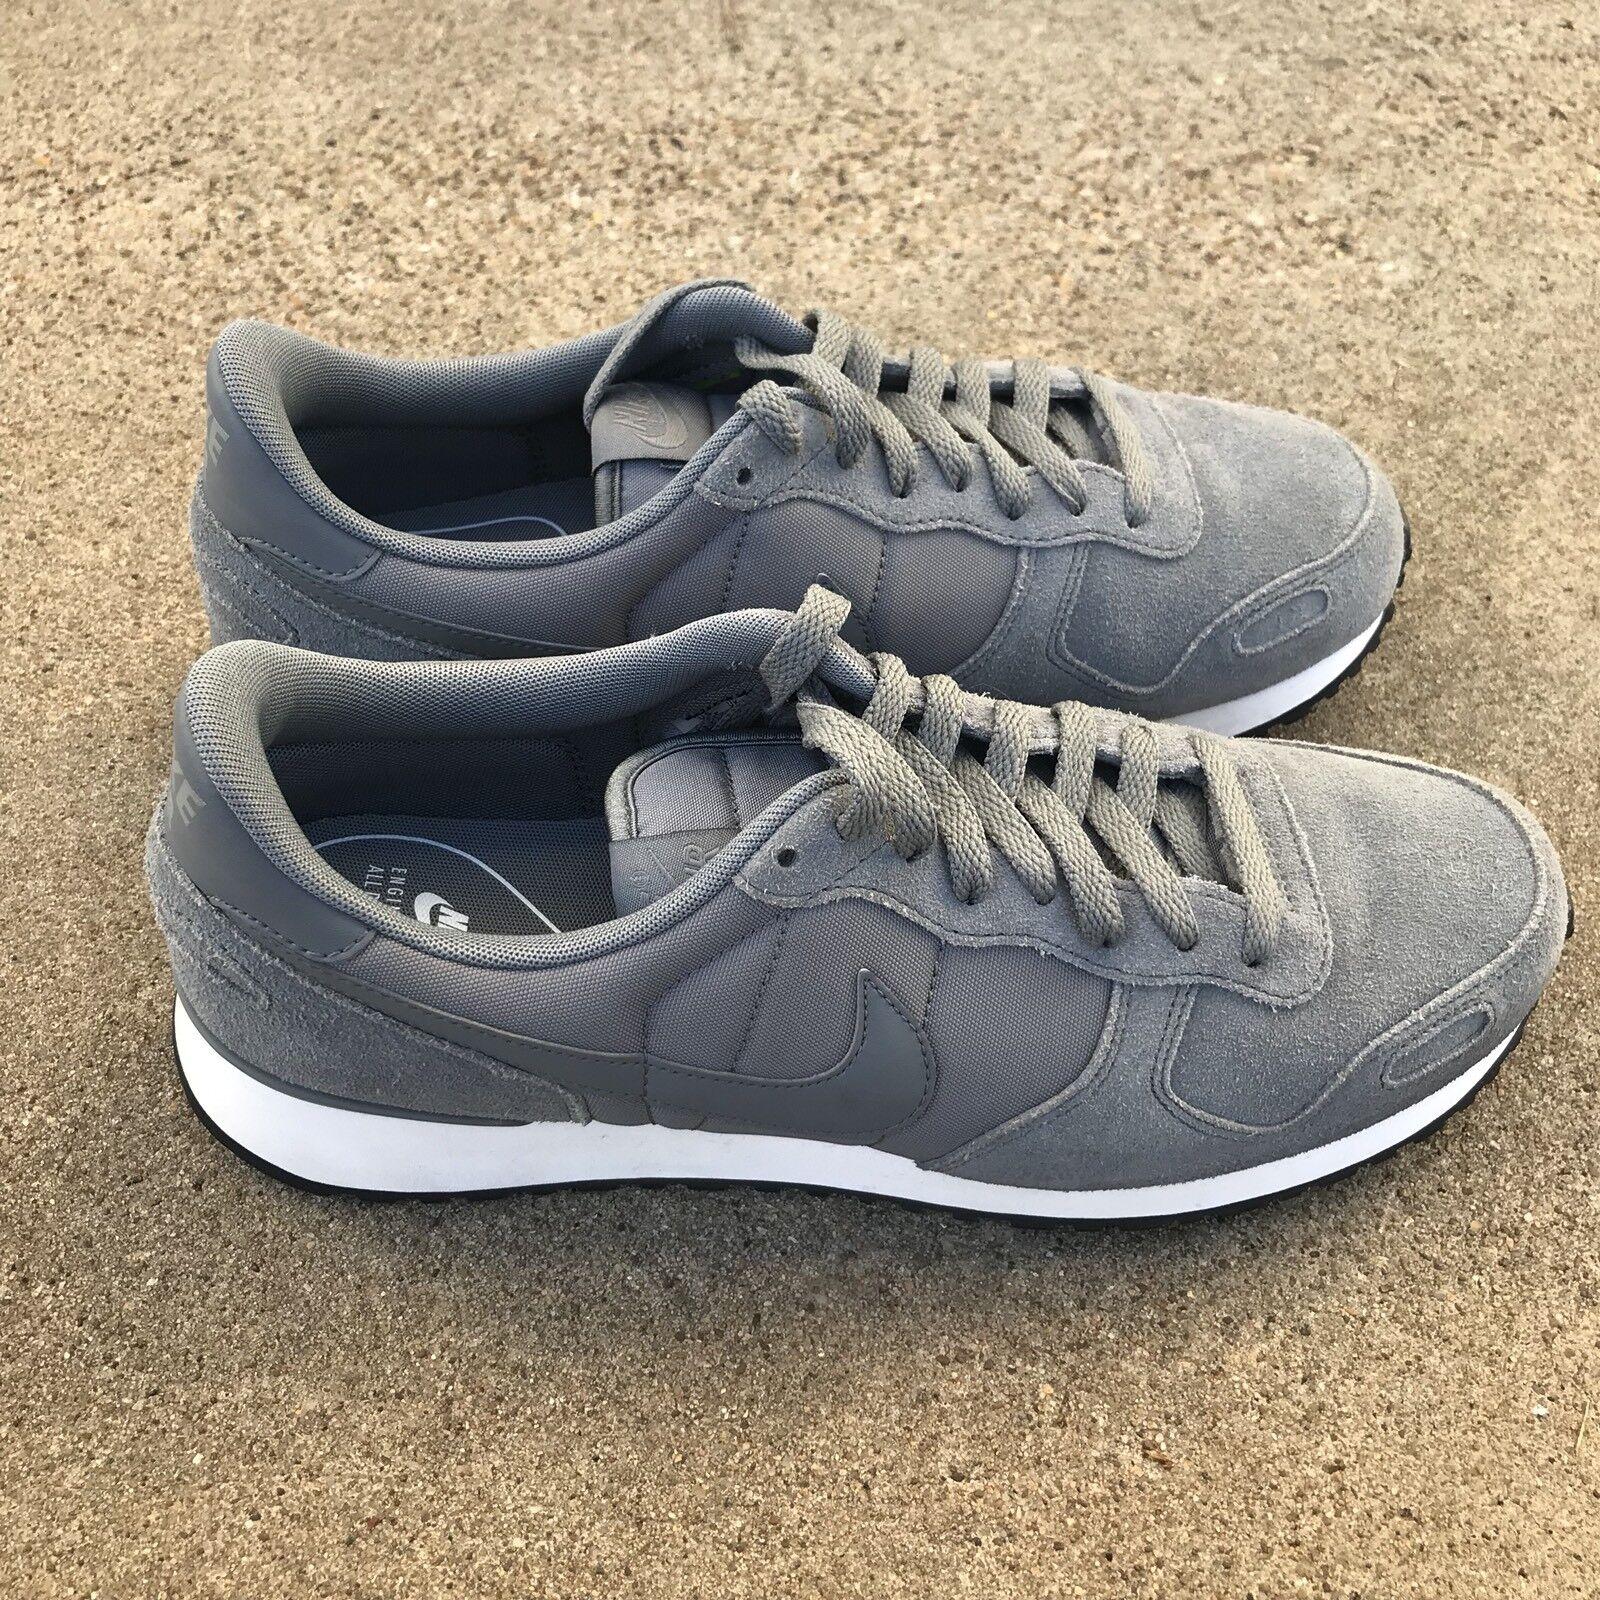 promo code 43daa ceb8b Nike Air Vortex Wolf Gris comodo el último último último descuento zapatos  para hombres y mujeres